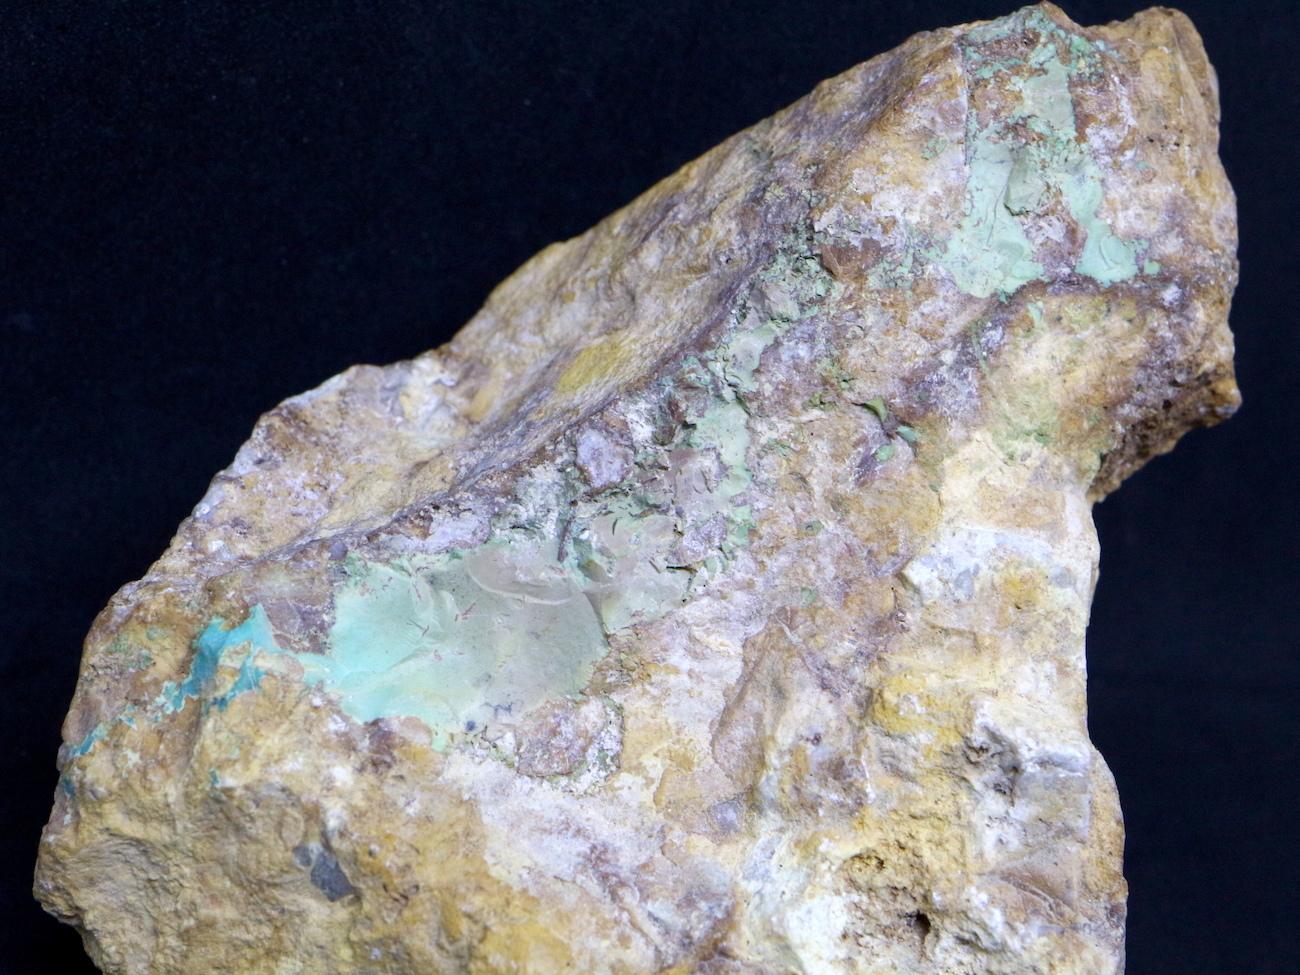 ロイストーンターコイズ Turquoise 原石 ネバタ州産 363g TQ116